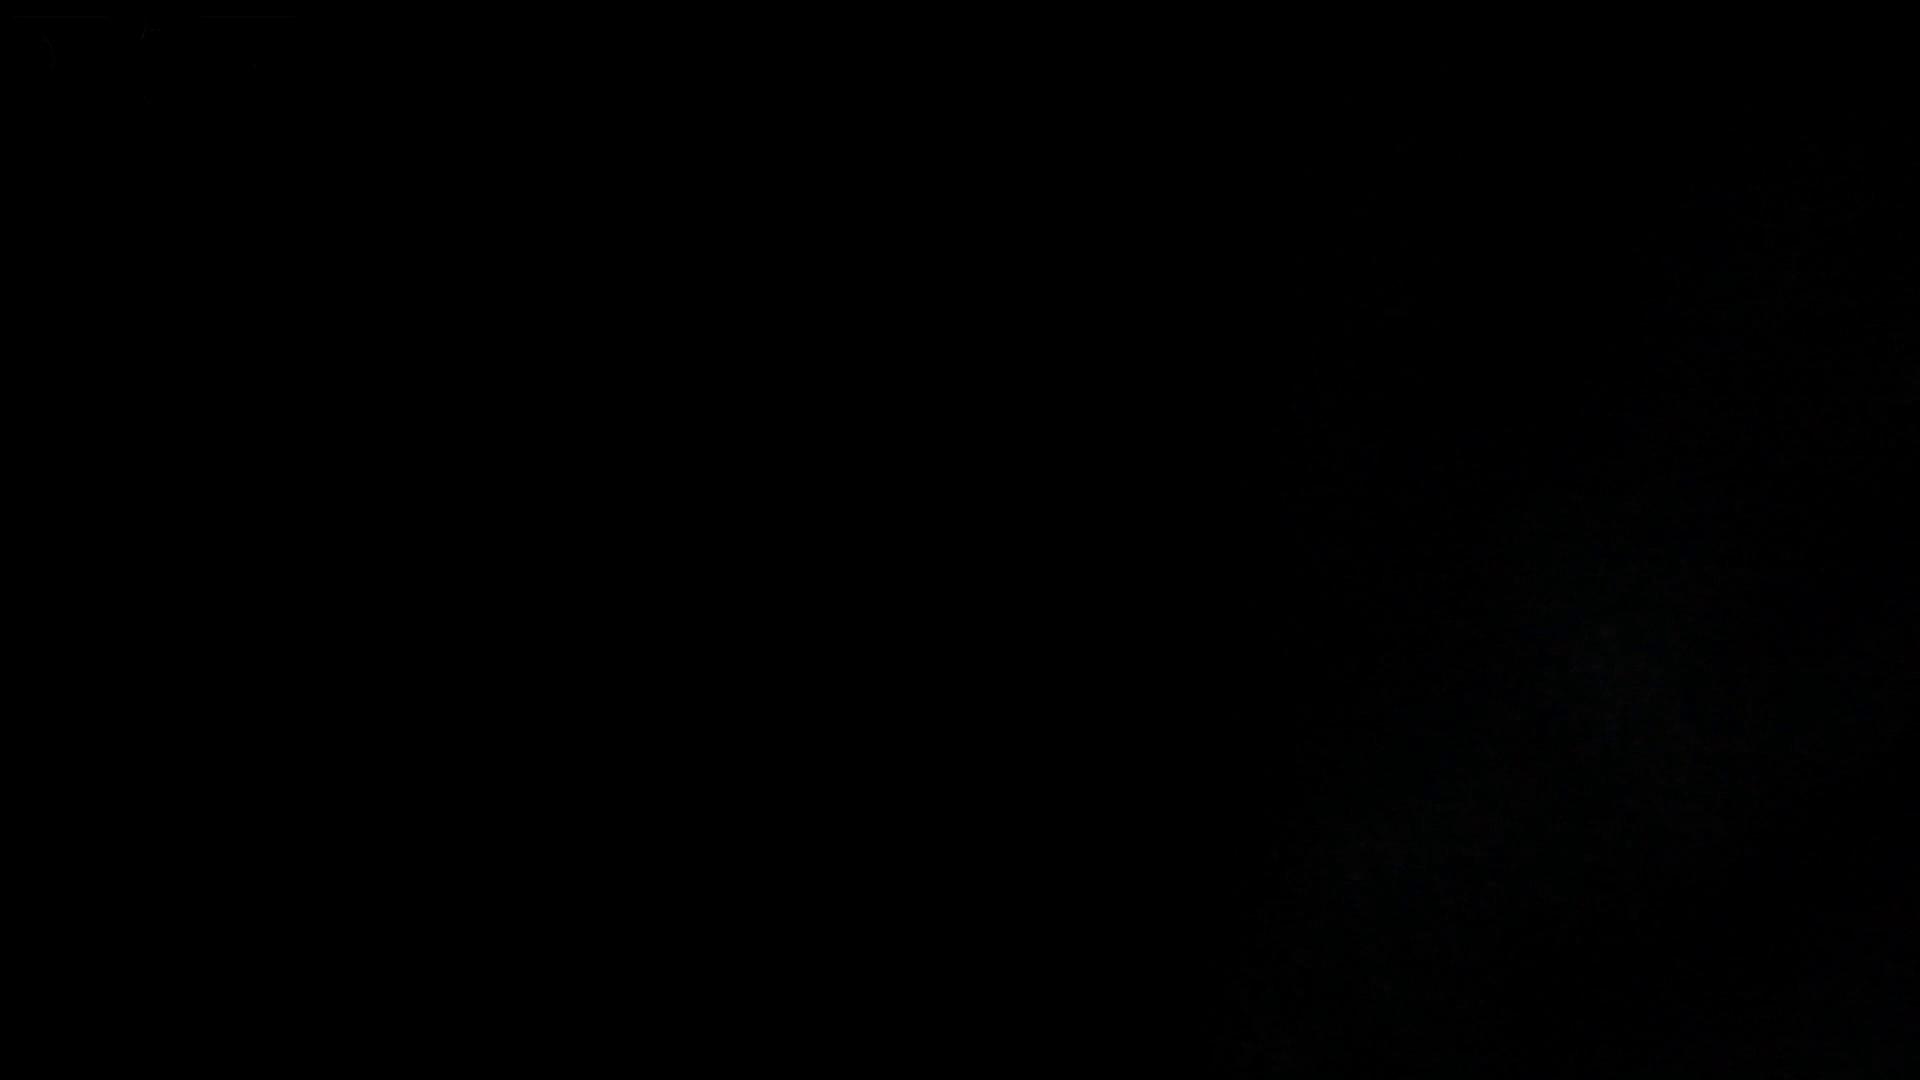 ステーション編 vol.28 無料動画に登場したモデルつい本番登場!! ギャルズ オメコ無修正動画無料 29画像 14